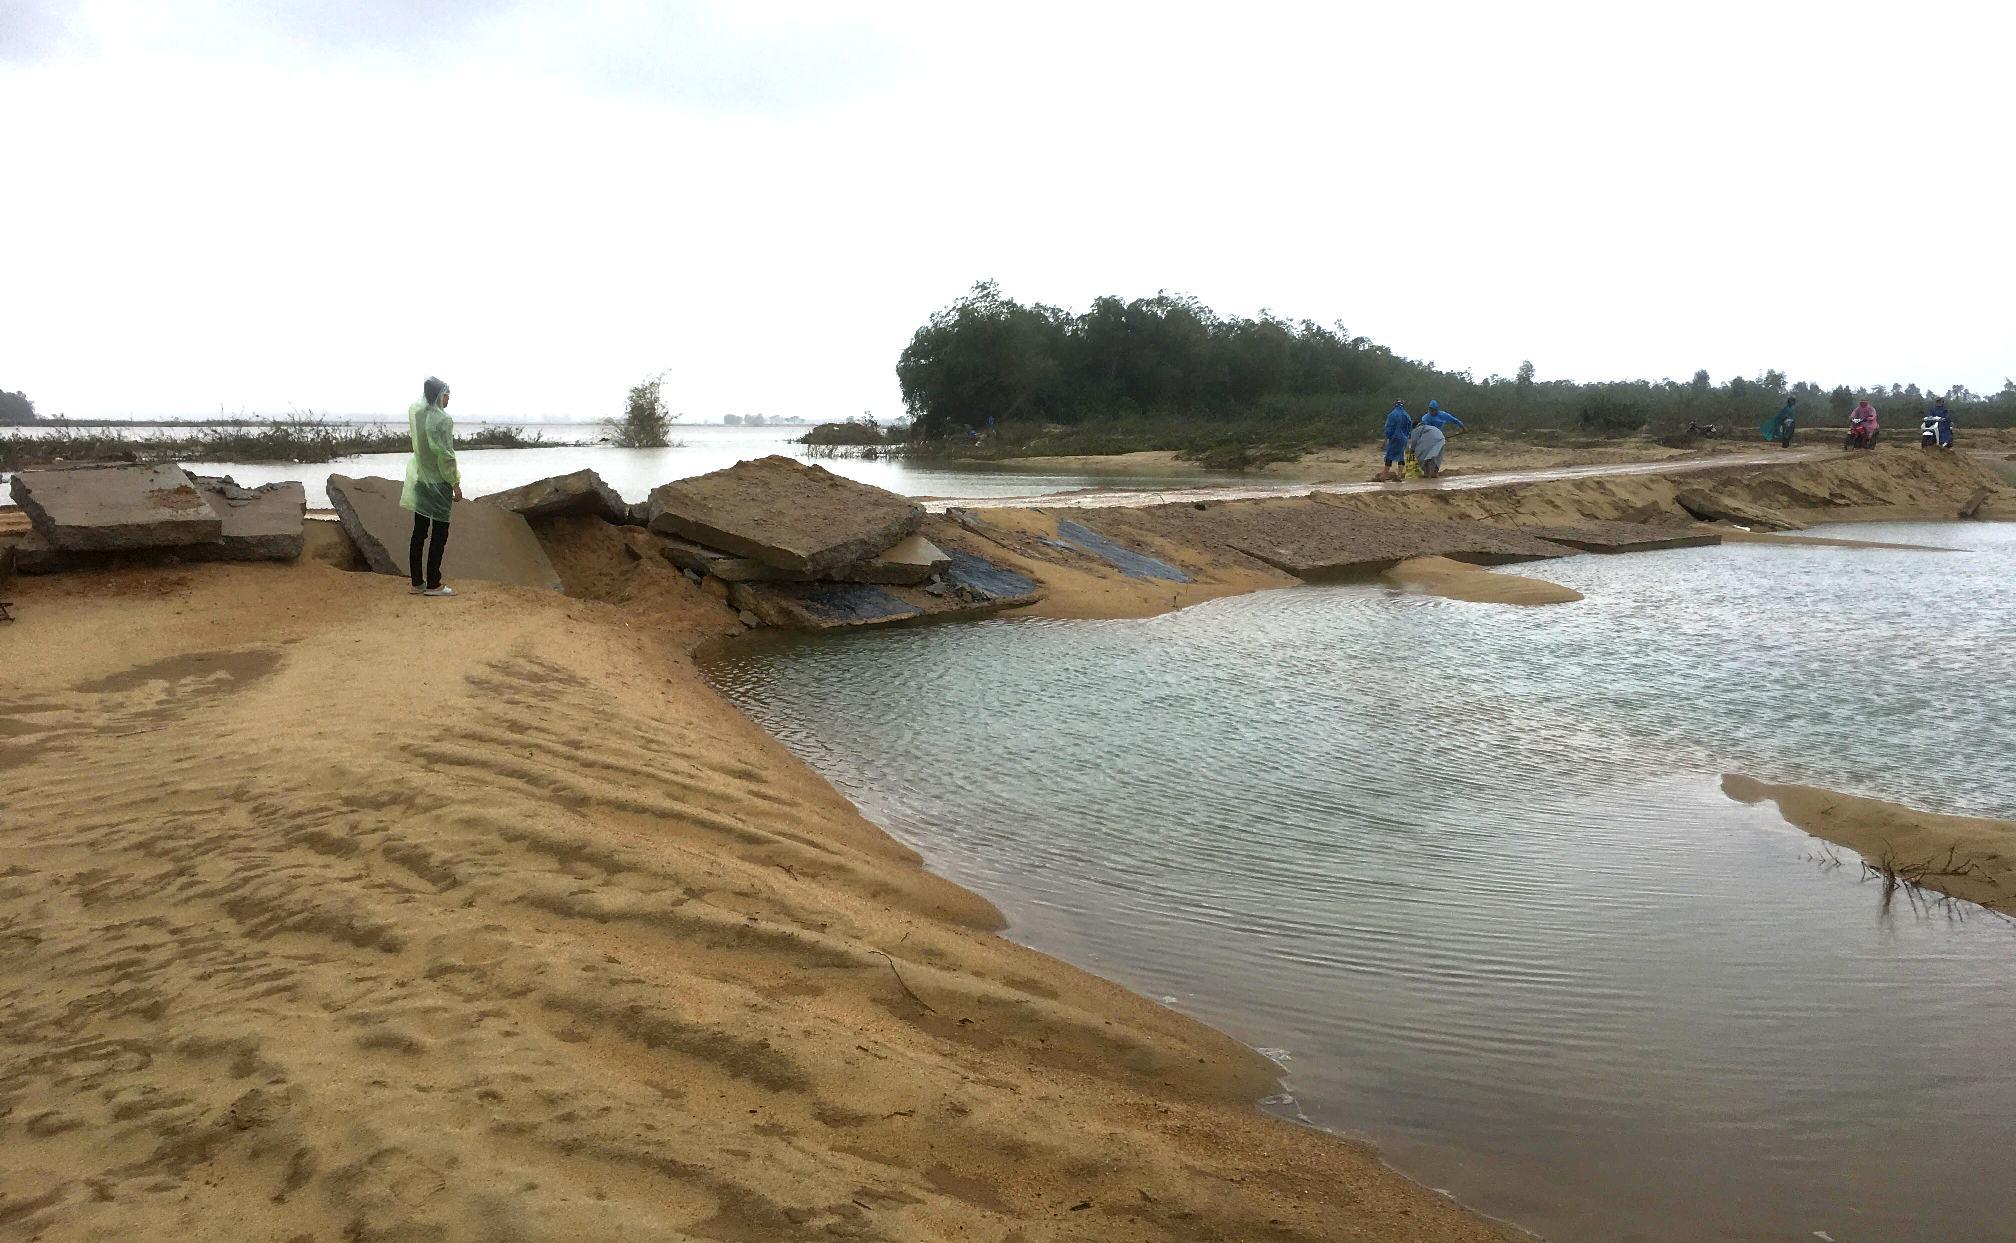 Do thiết kế ban đầu không phù hợp với nên sau khi hoàn thành công trình đã làm thay đổi dòng chảy và xuất hiện một nhánh sống mới cắt đường mỗi khi nước lớn. Ảnh: PHAN VINH